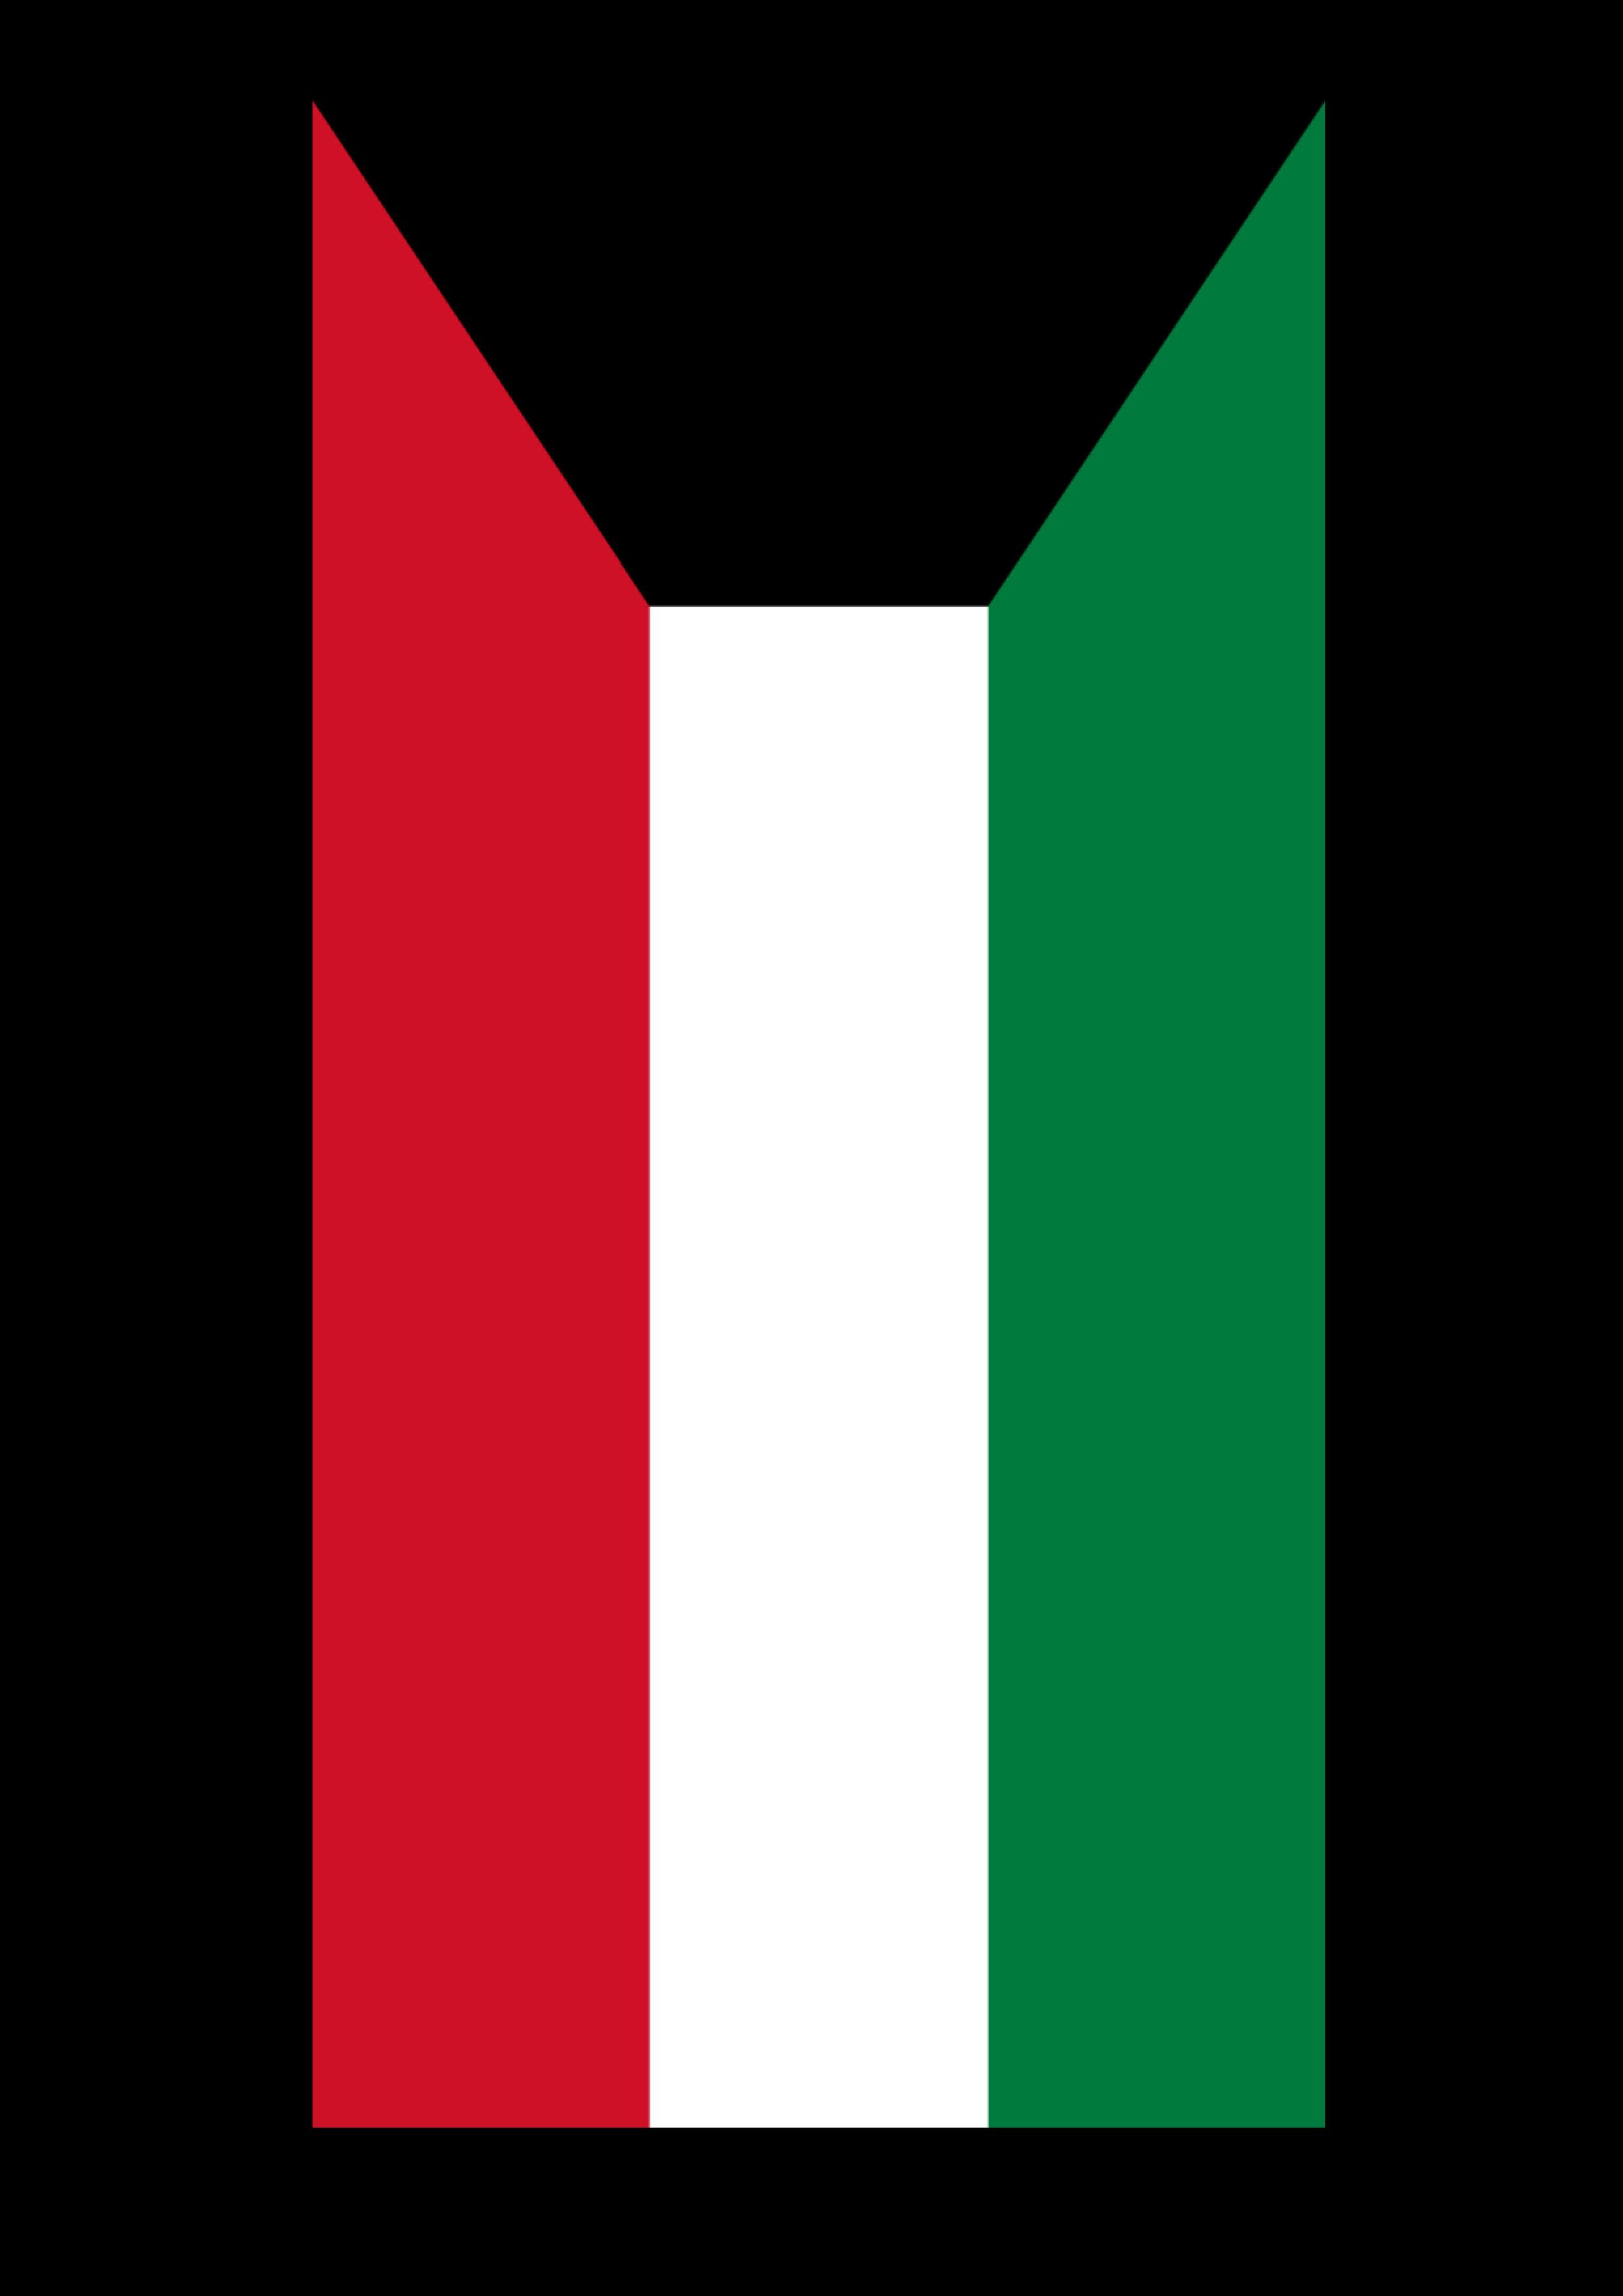 Sabaek leasing investment company kuwait flag plo betting